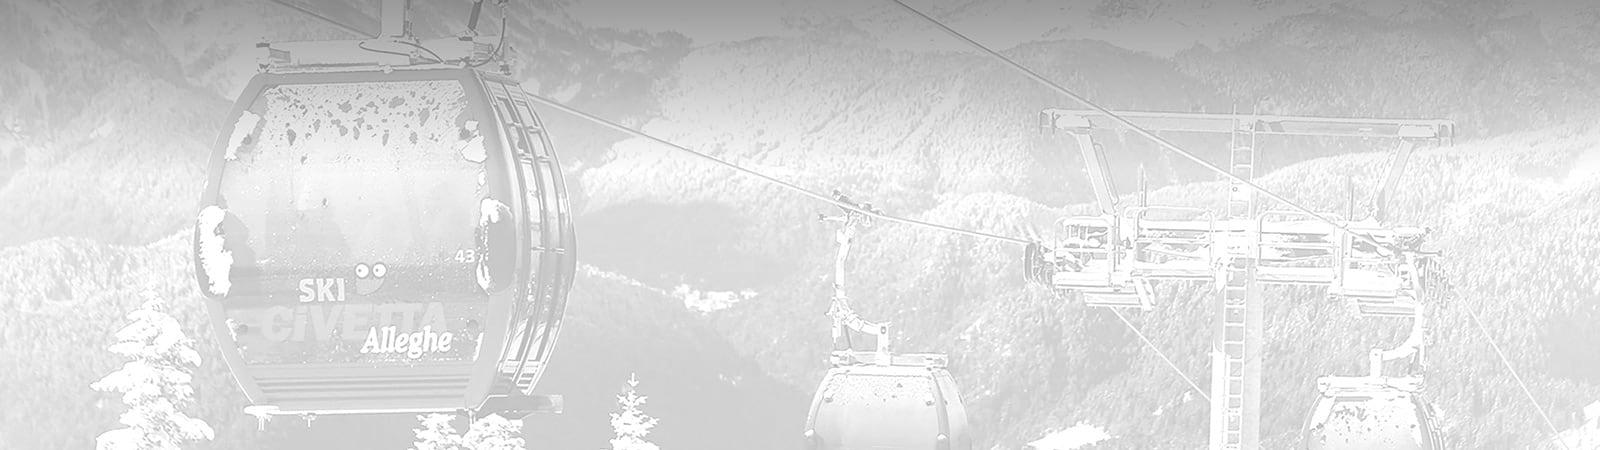 Alleghe Dolomiti Italia